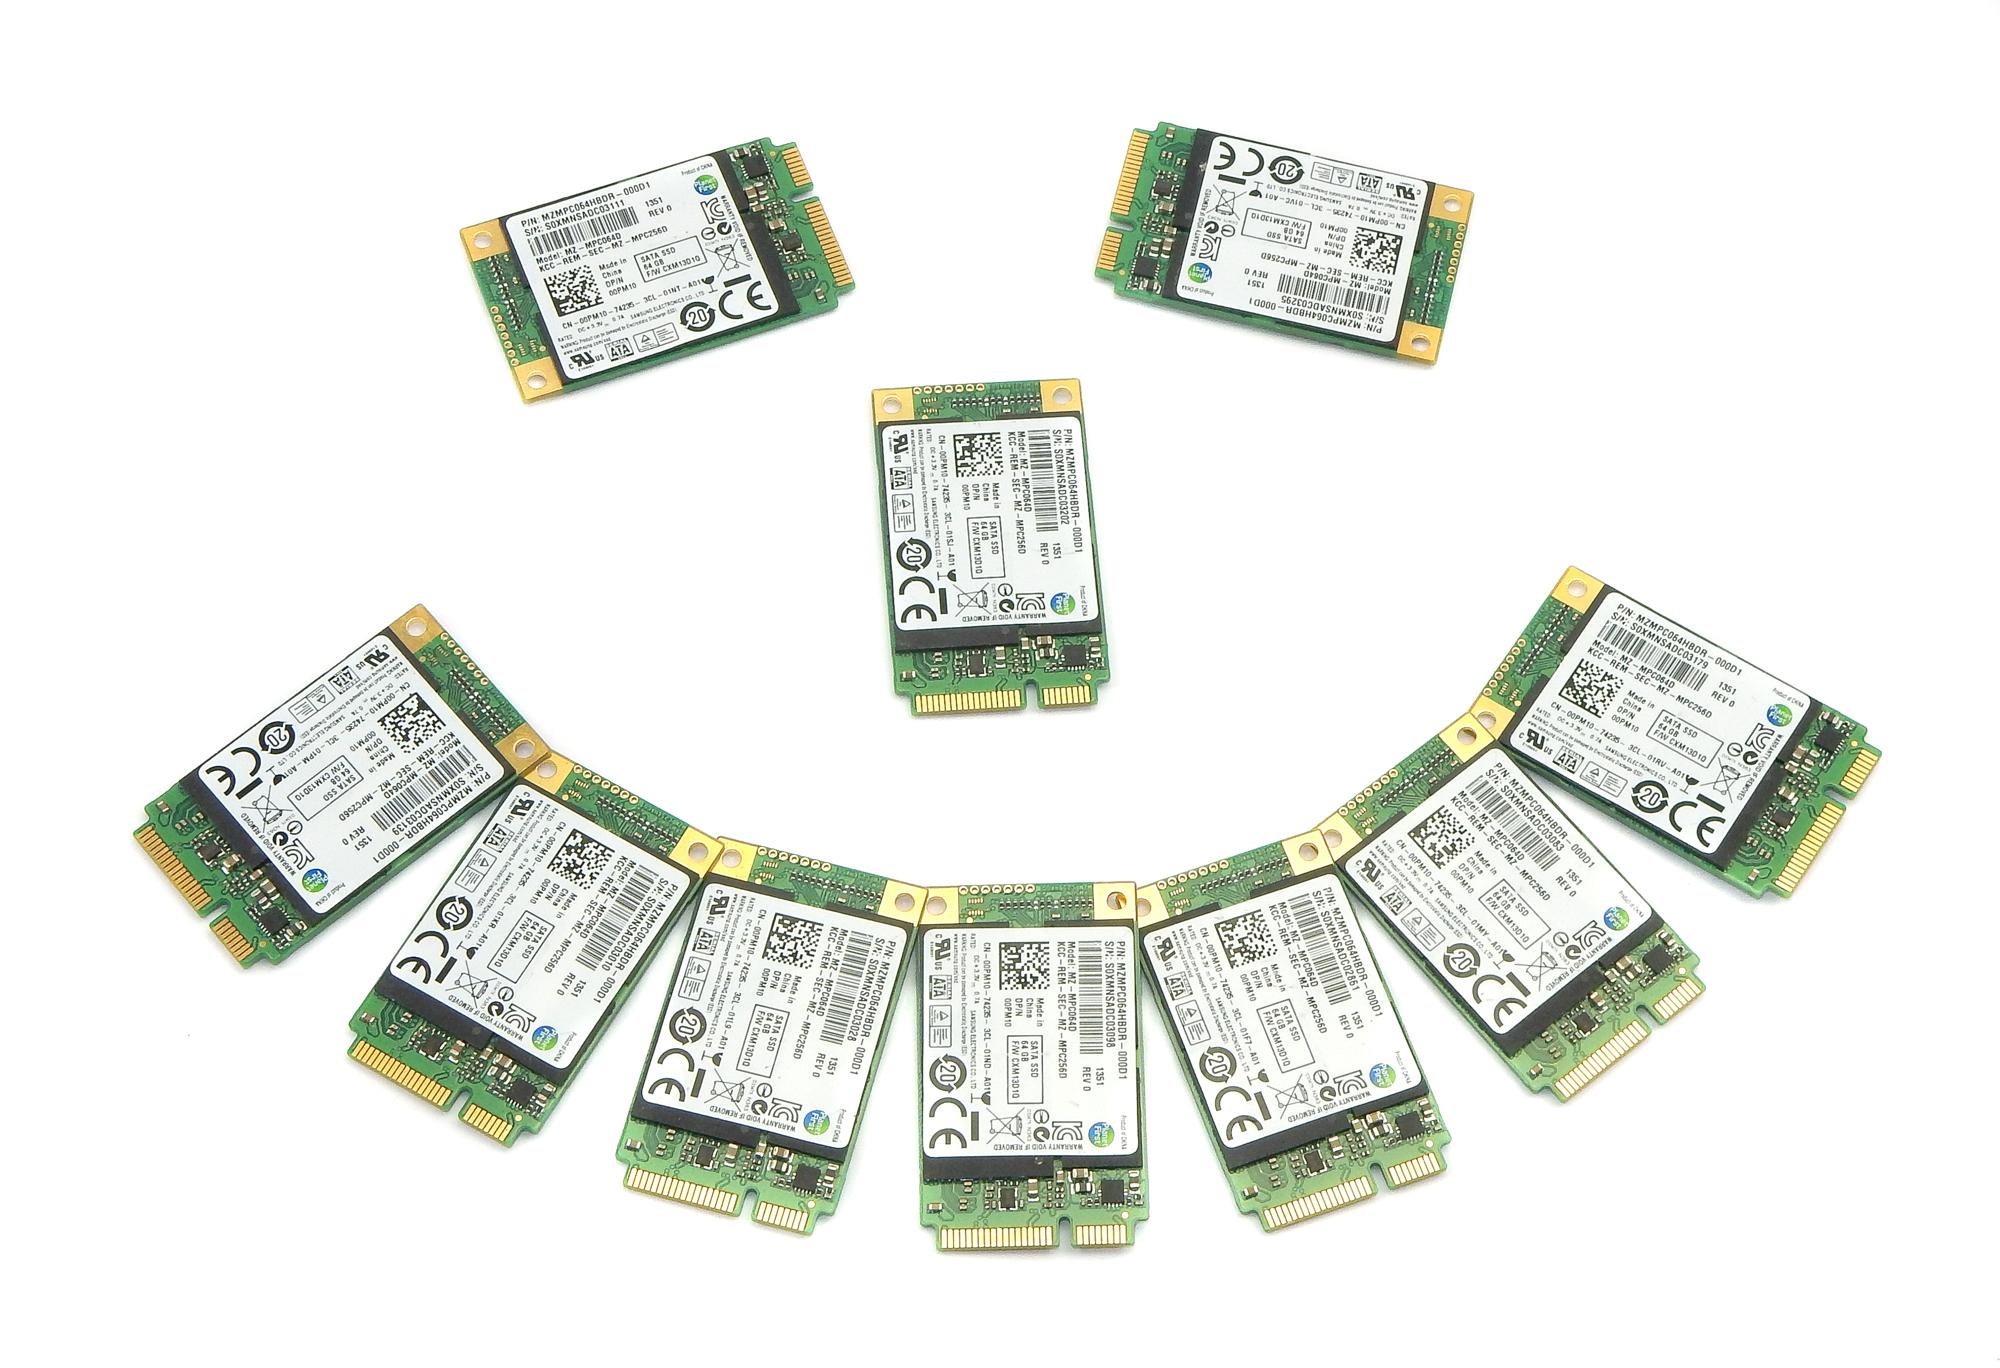 10x Dell 0PM10 Samsung 64GB mSATA SSD MZ-MPC064D